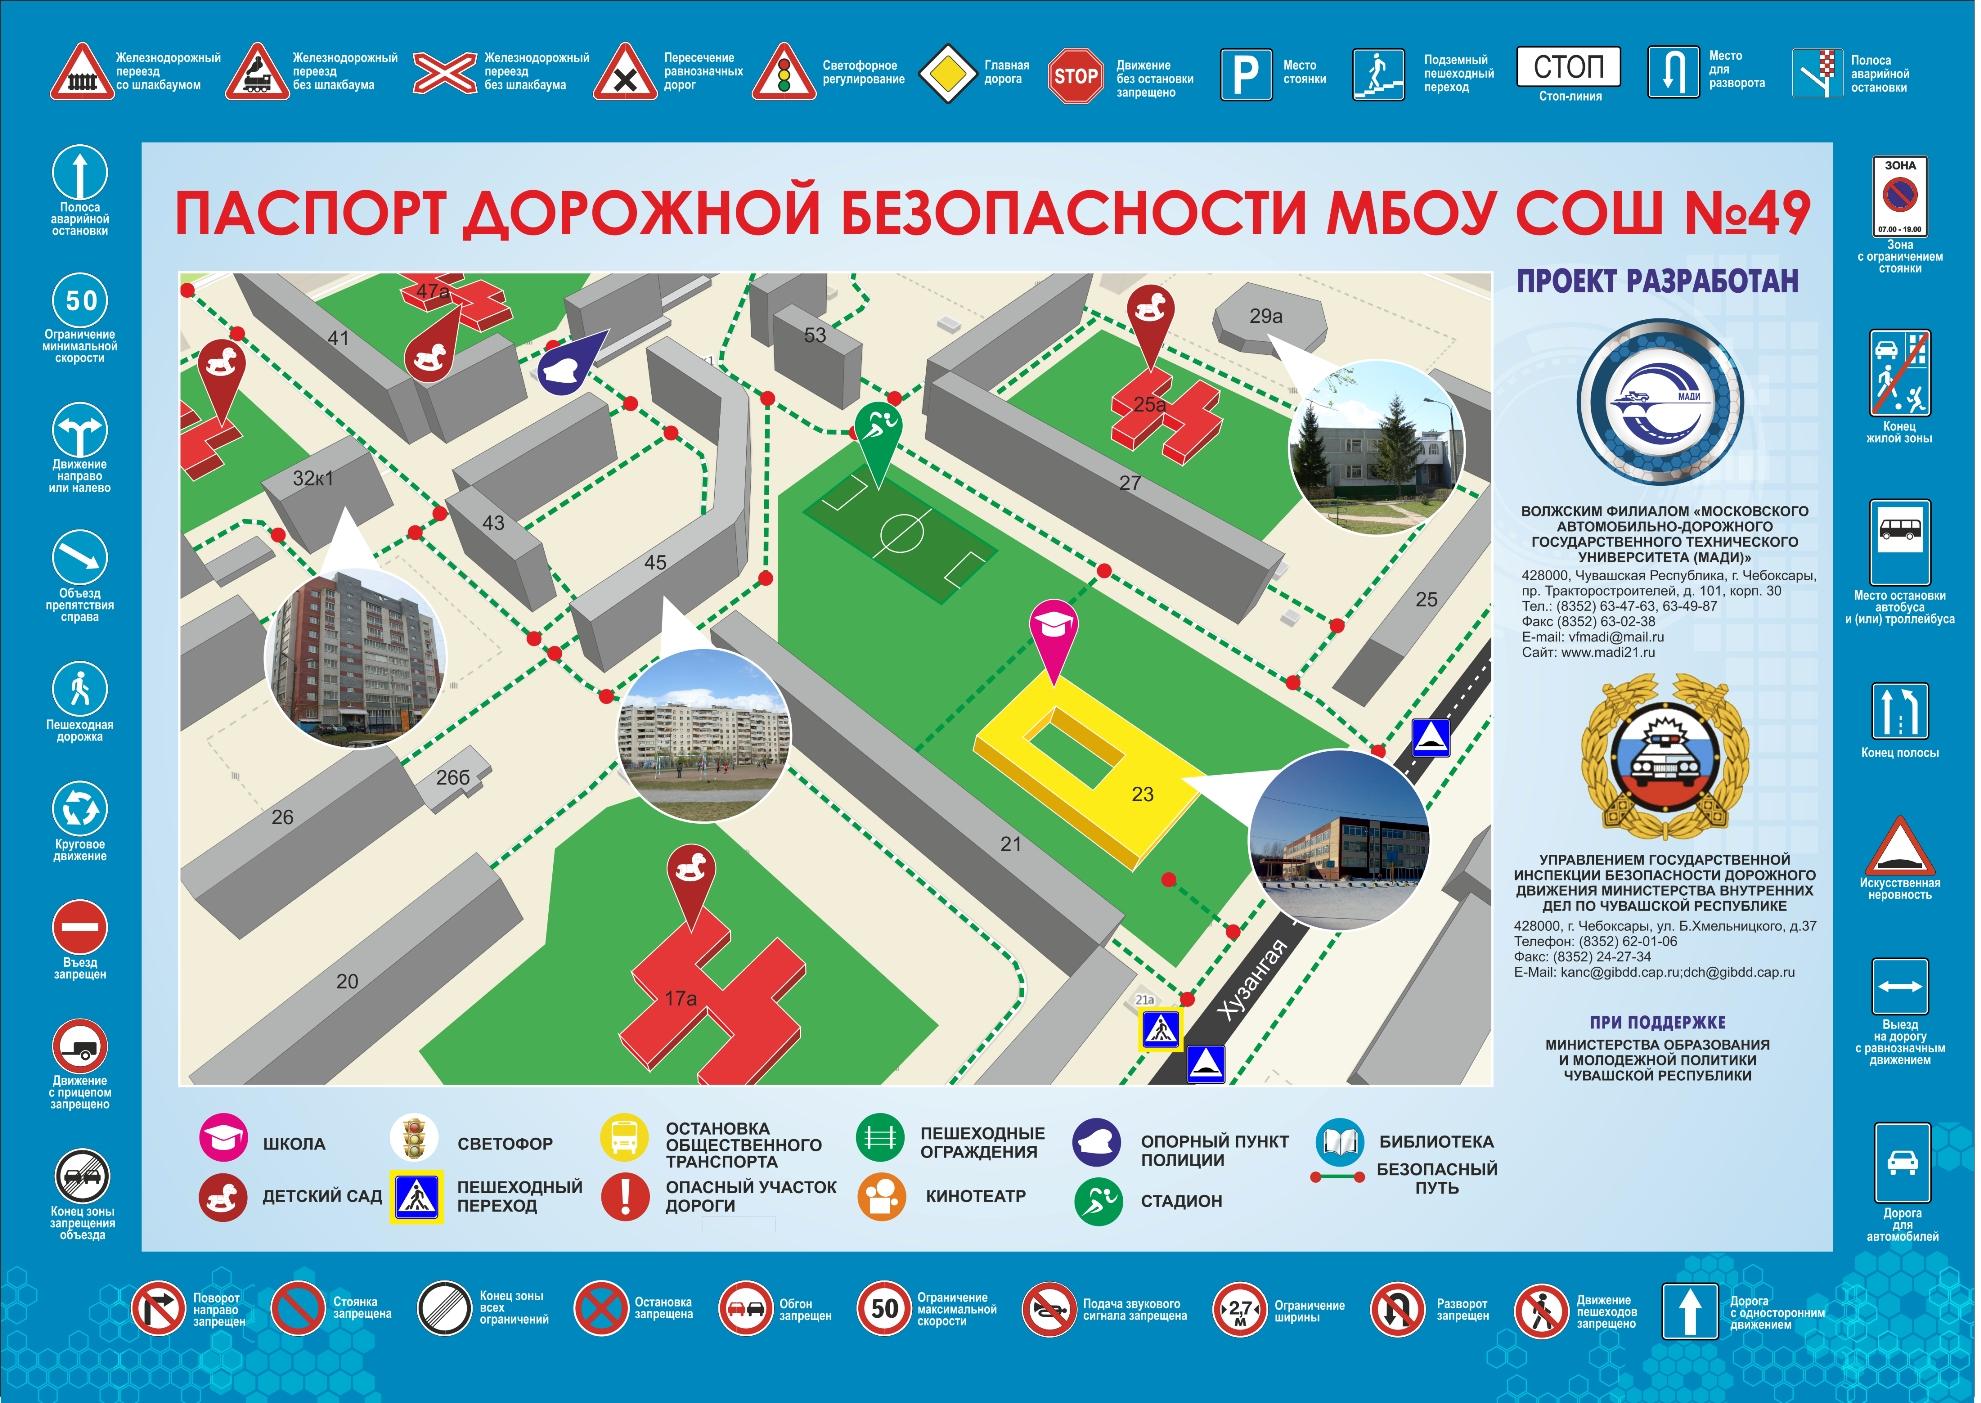 Конкурс схема дорожной безопасности